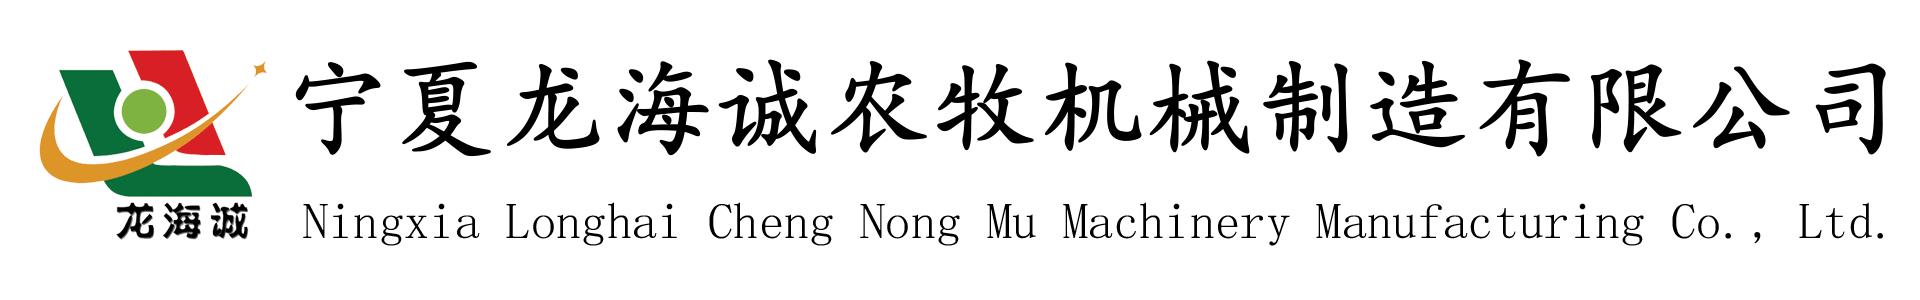 宁夏龙海诚农牧机械制造有限公司